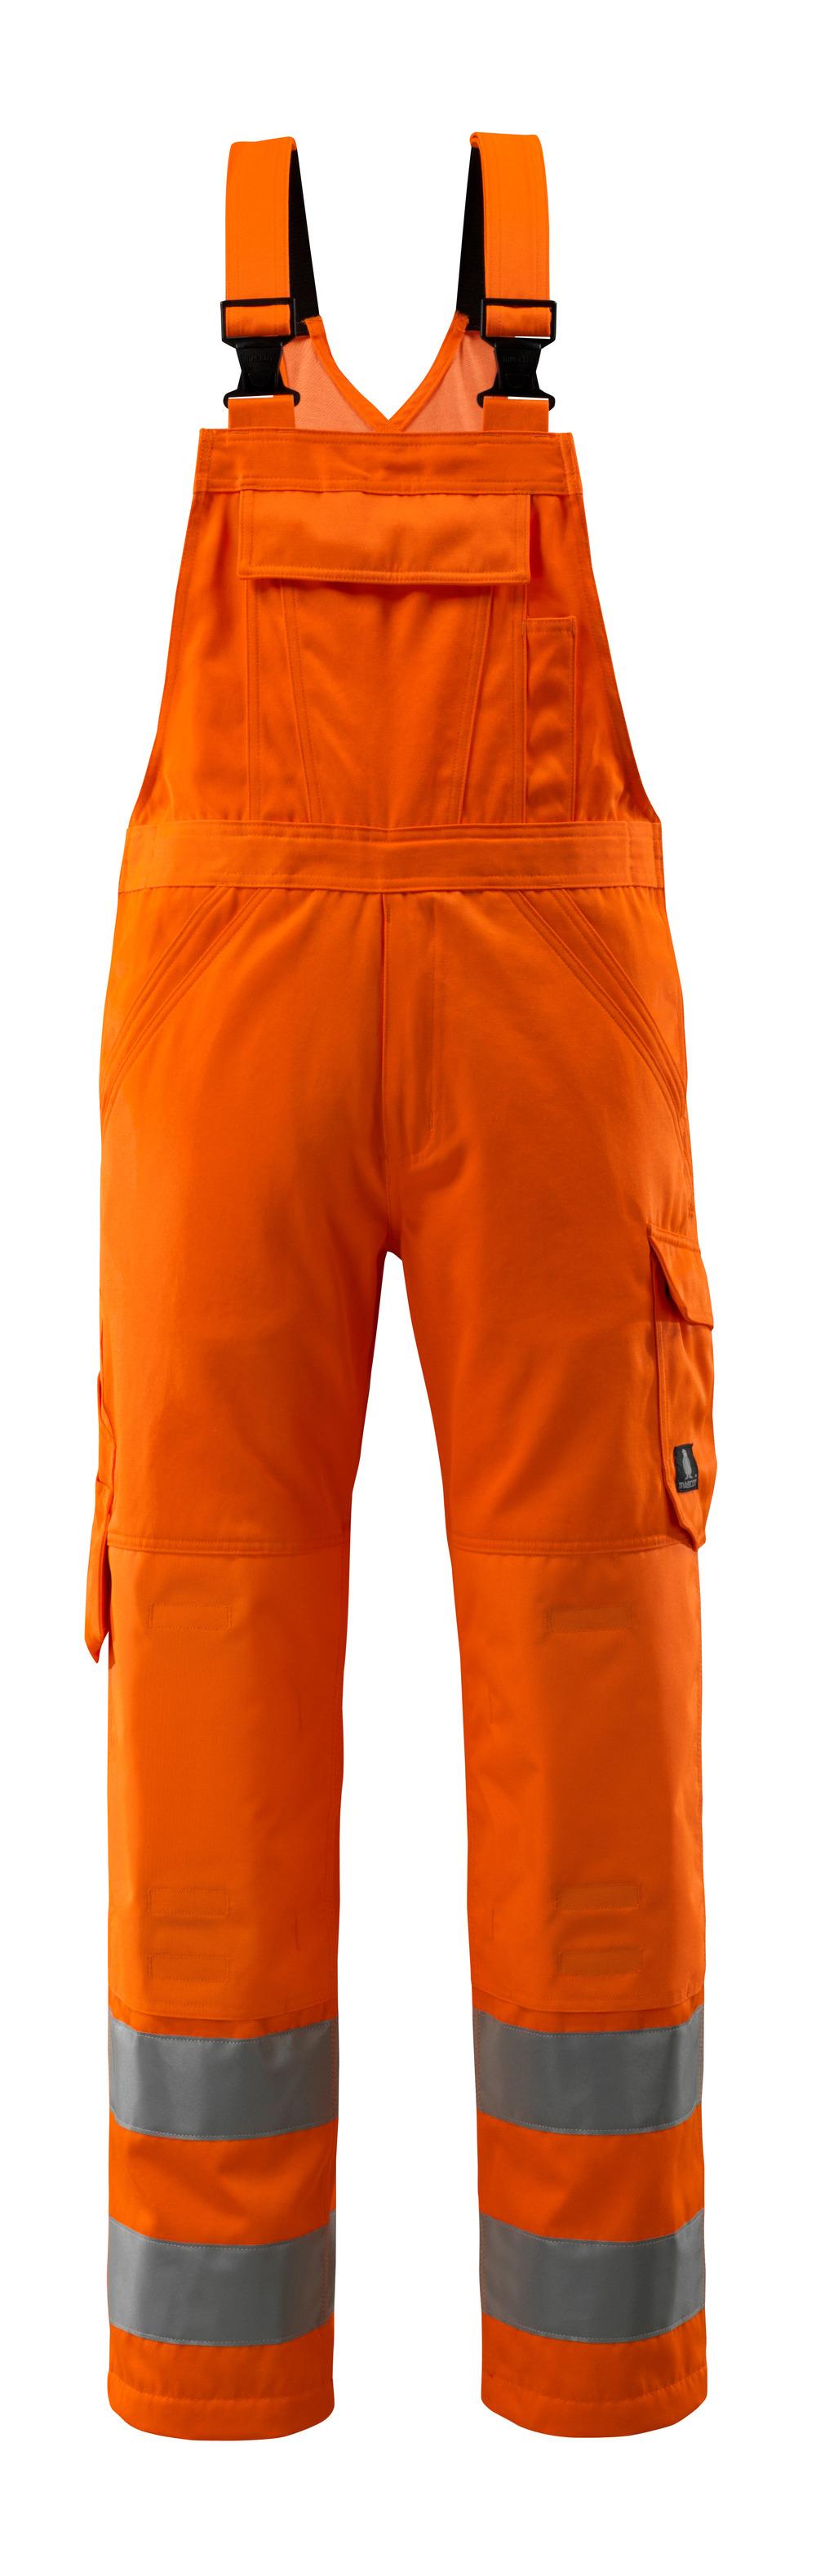 16869-860-14 Overall med knælommer - hi-vis orange